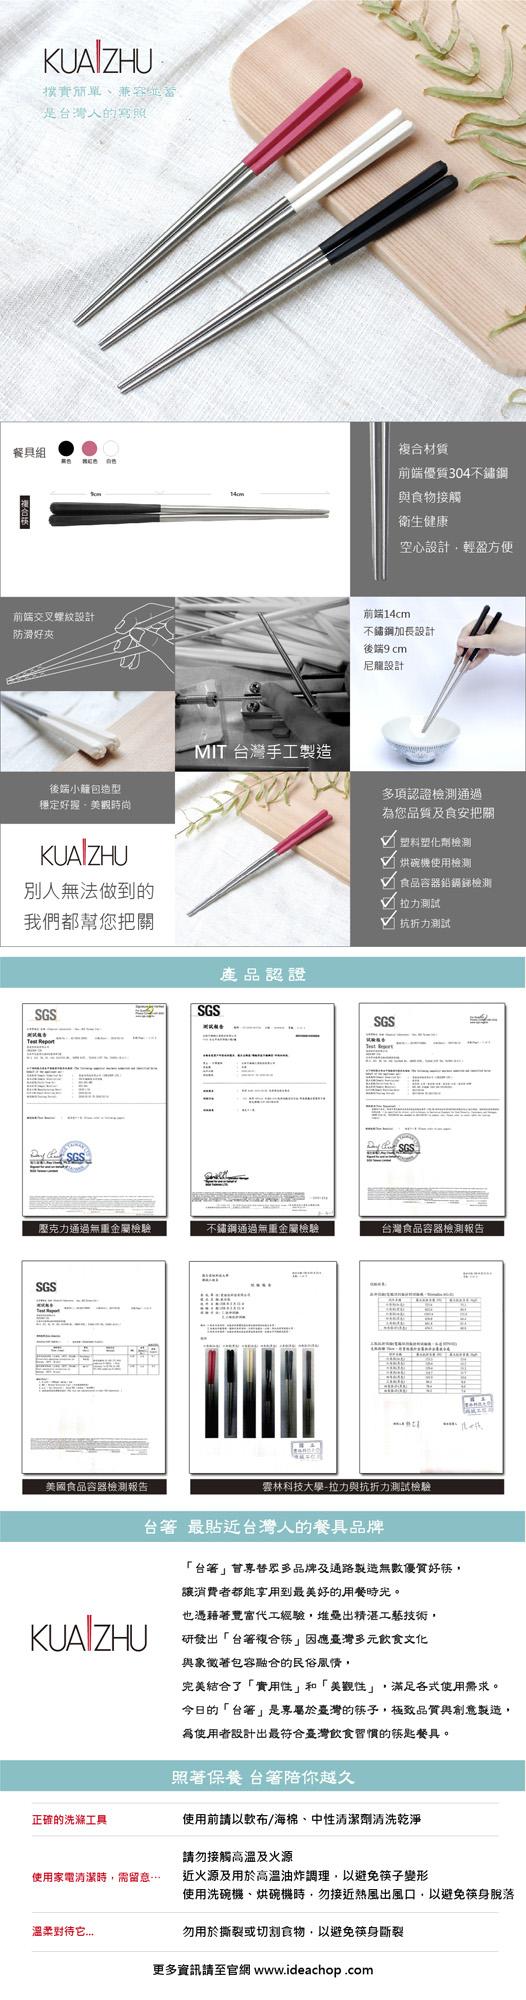 台箸 KUAI ZHU| 創意六角好筷23cm 10入(沉黑/象牙白/茜紅)